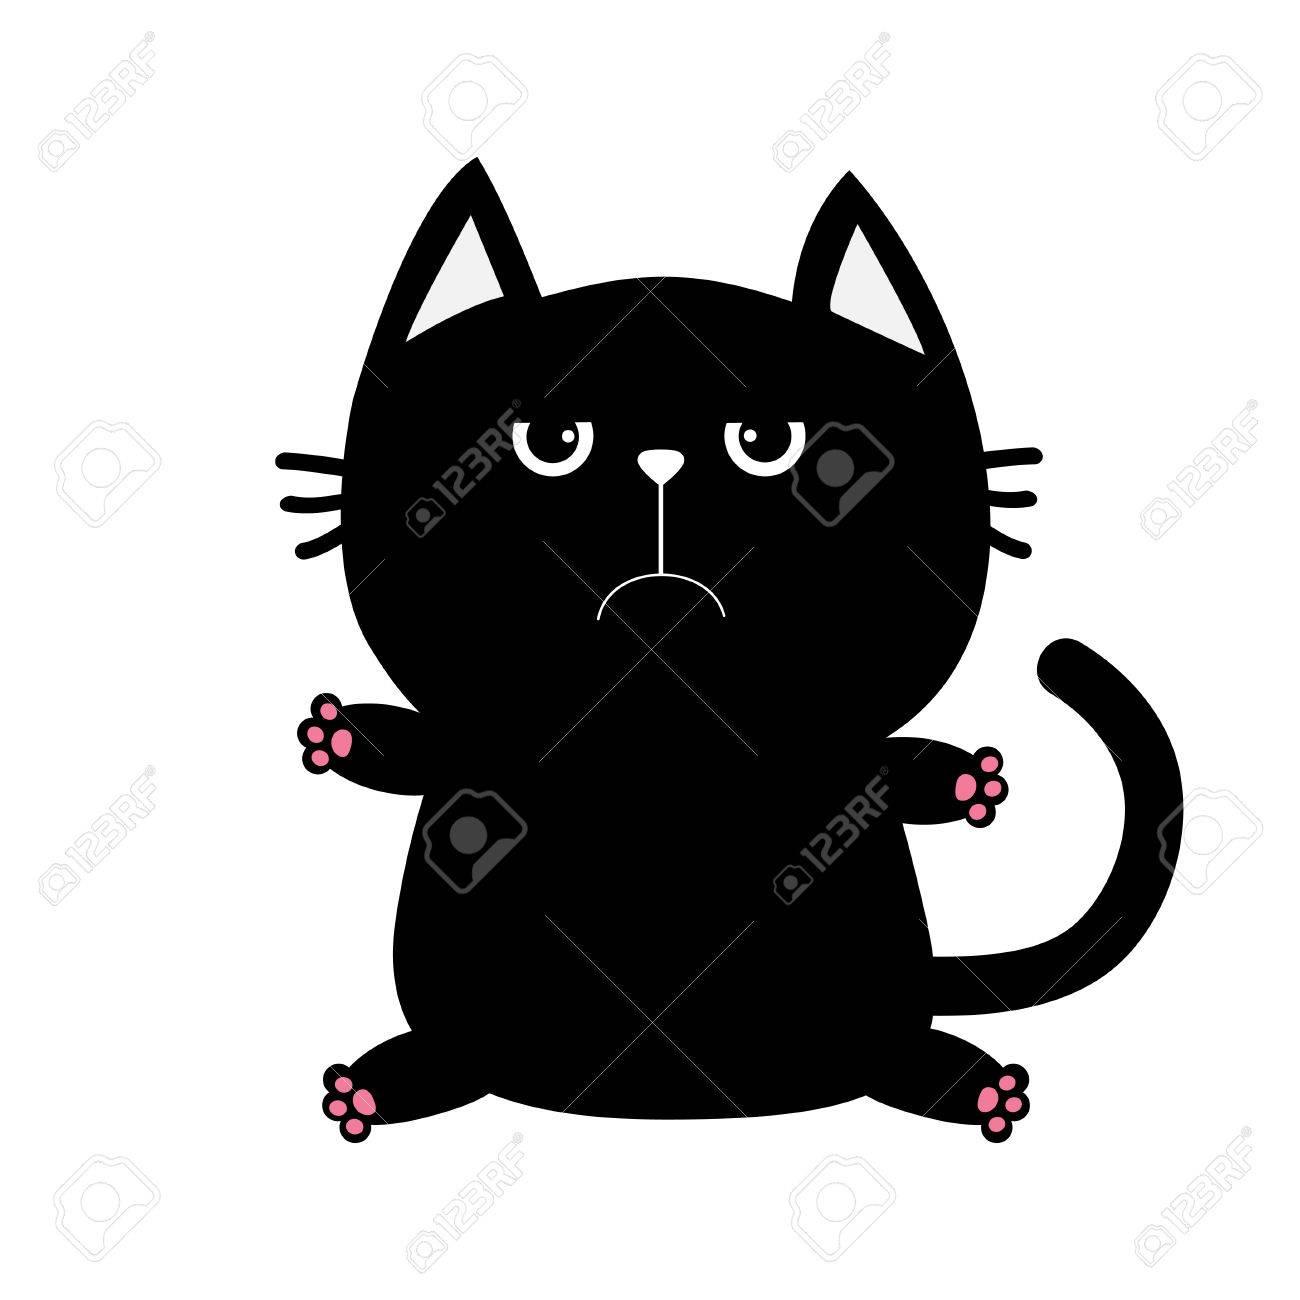 Icone De Chat Noir Mignon Et Drole De Dessin Anime Animal Grosse